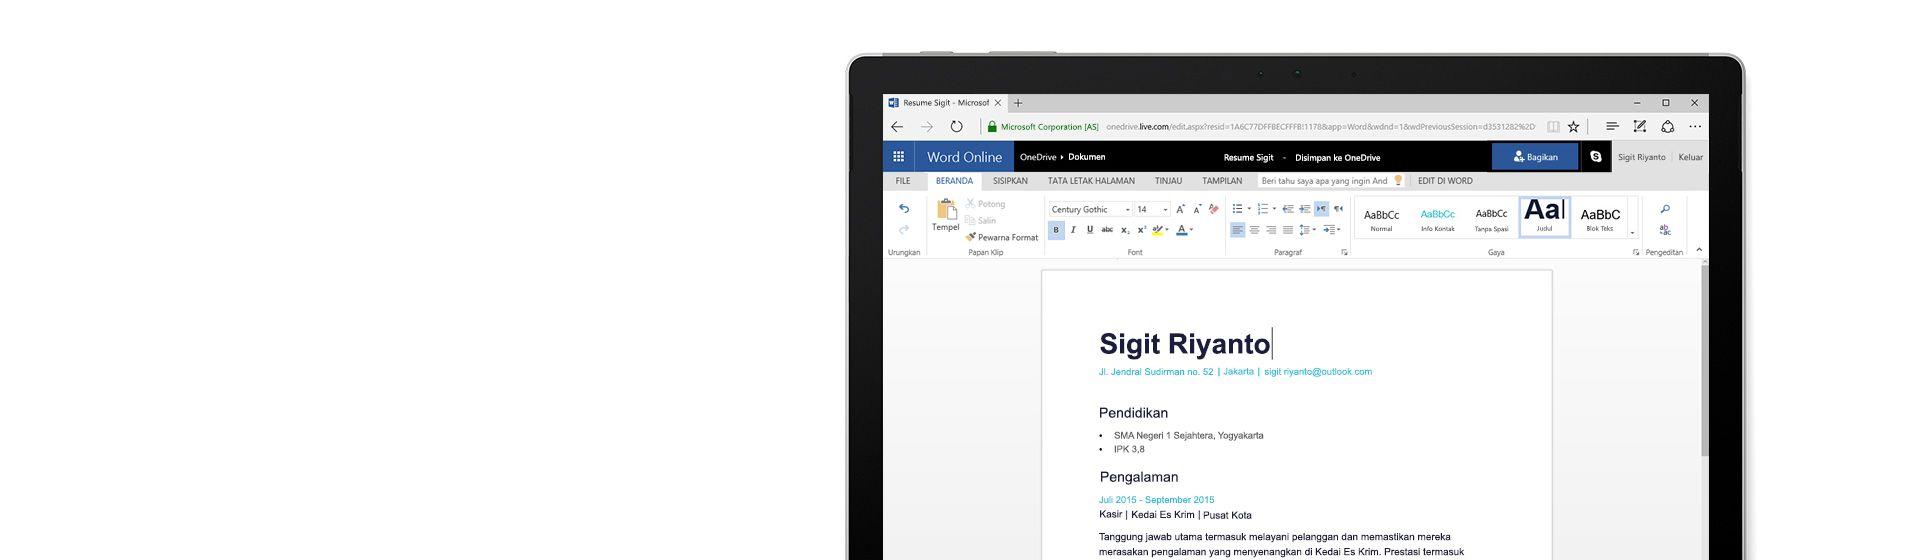 Gambar layar komputer memperlihatkan resume yang sedang dibuat di Word Online